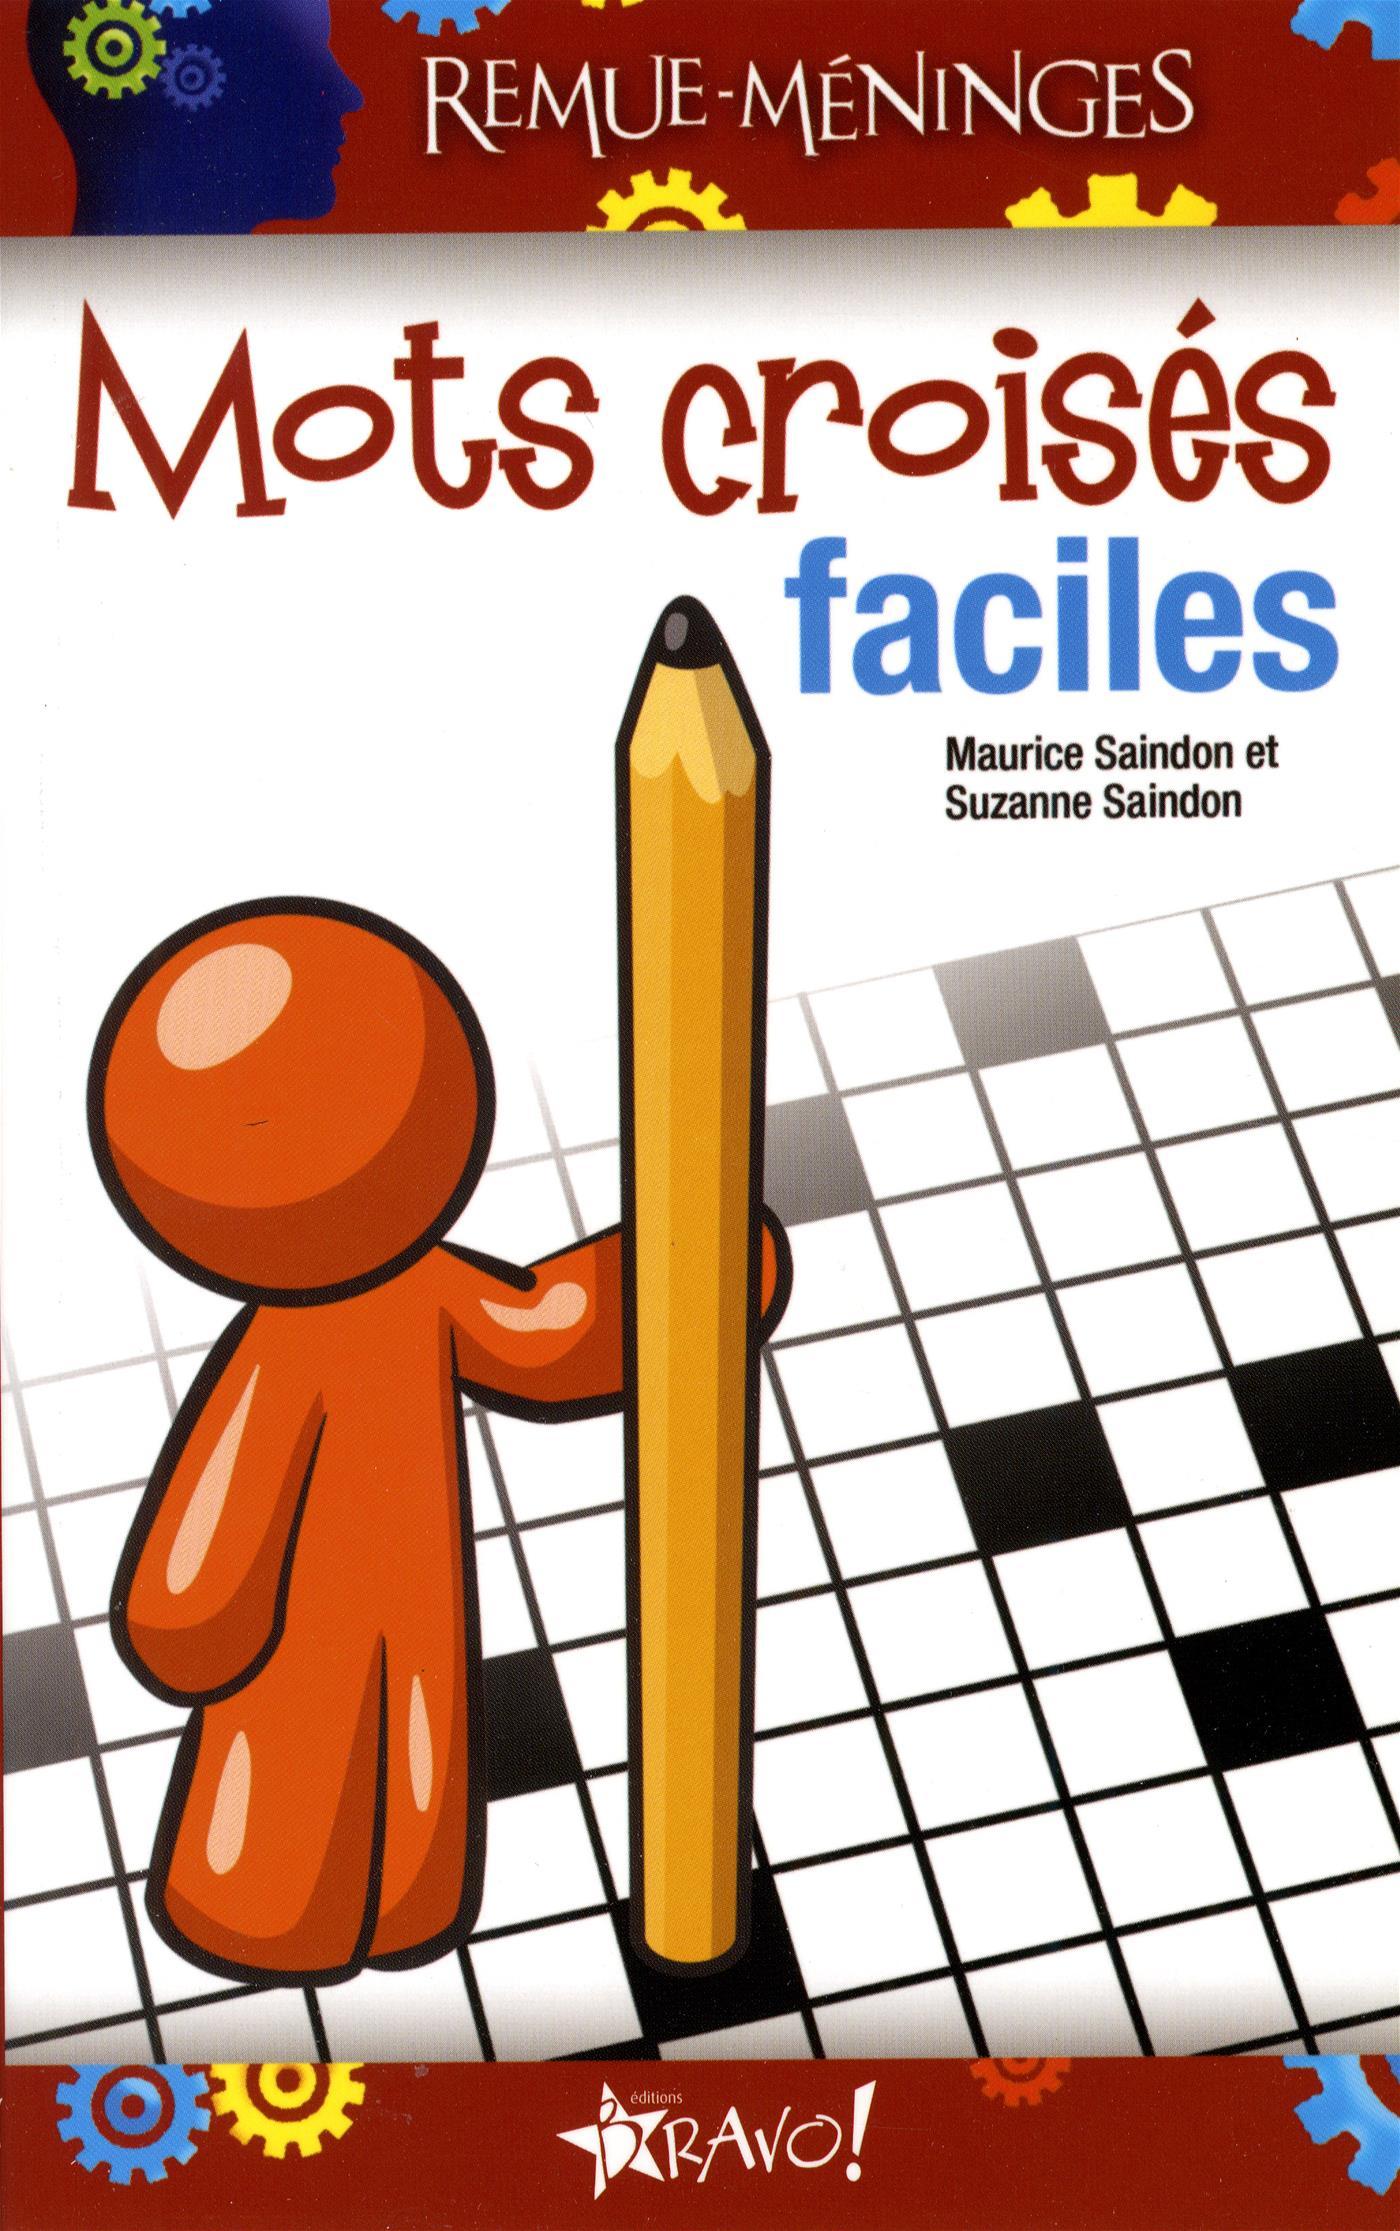 Livre Mots Croisés Faciles | Messageries Adp avec Mots Croisés Faciles Pour Débutants